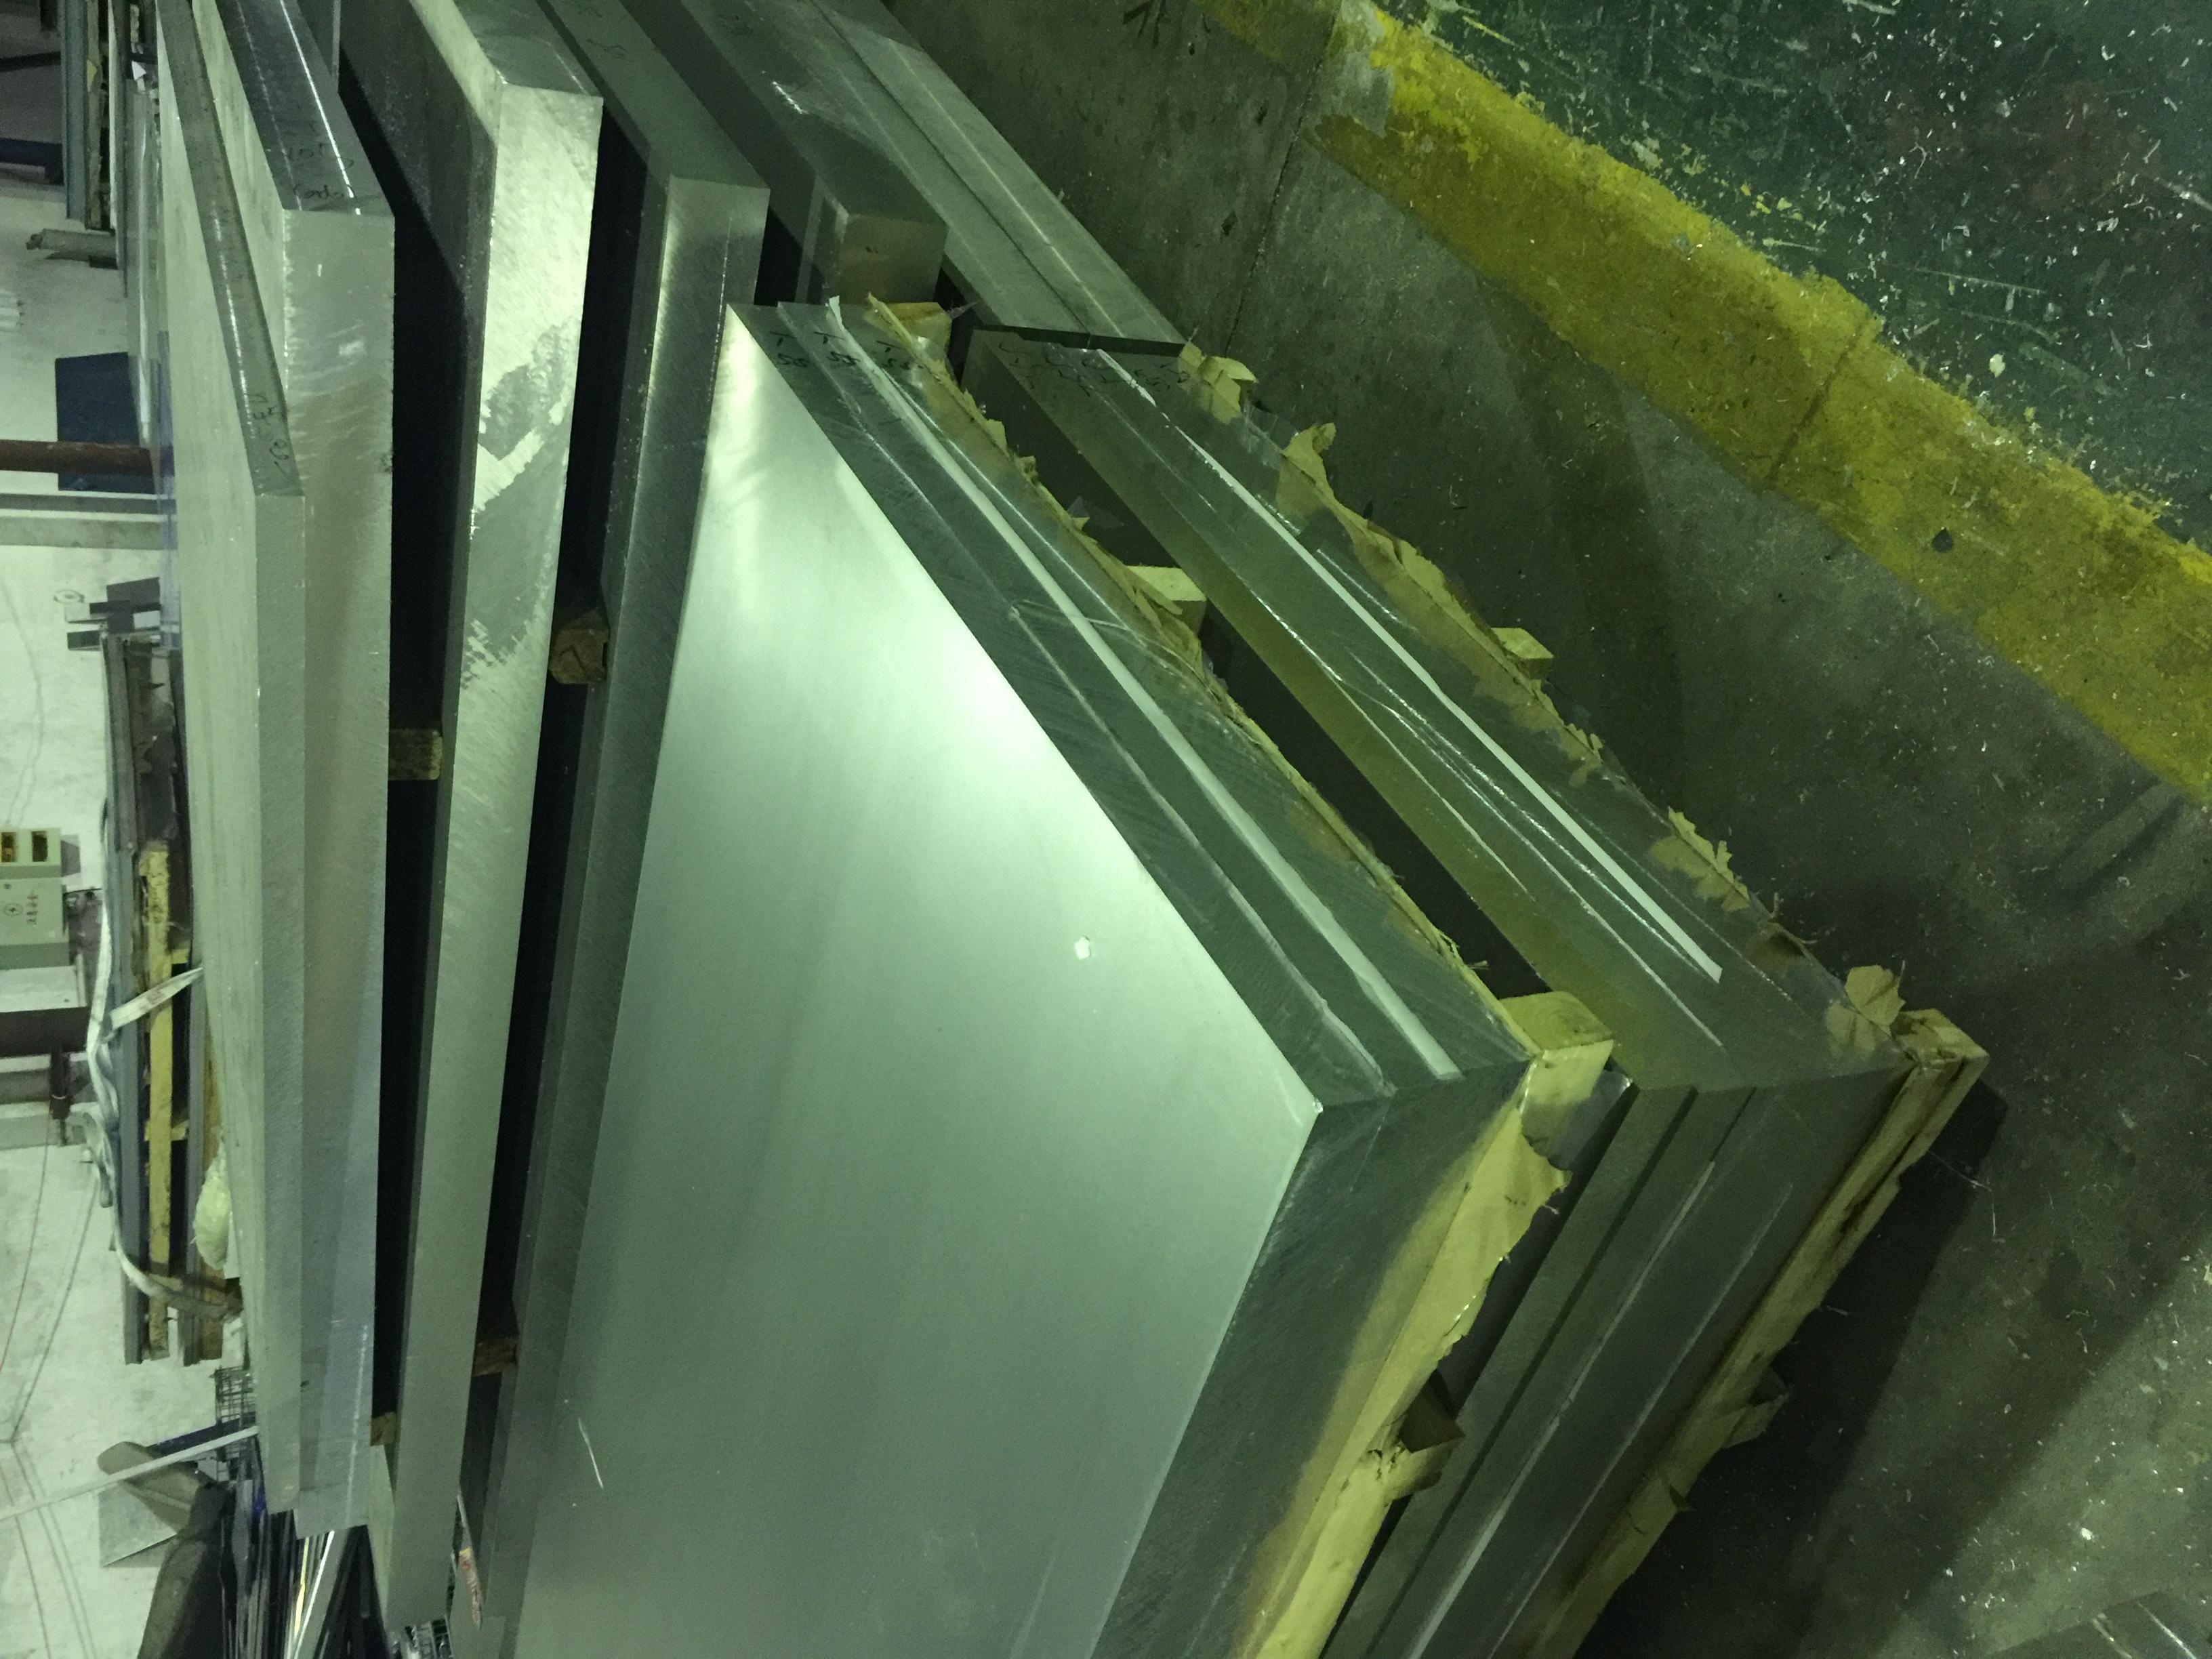 Approvvigionamento di Alluminio 7075 Shanghai in Lega di Alluminio, Alluminio 7075 Spot di profonda trasformazione dei prodotti di Alluminio di Alluminio.